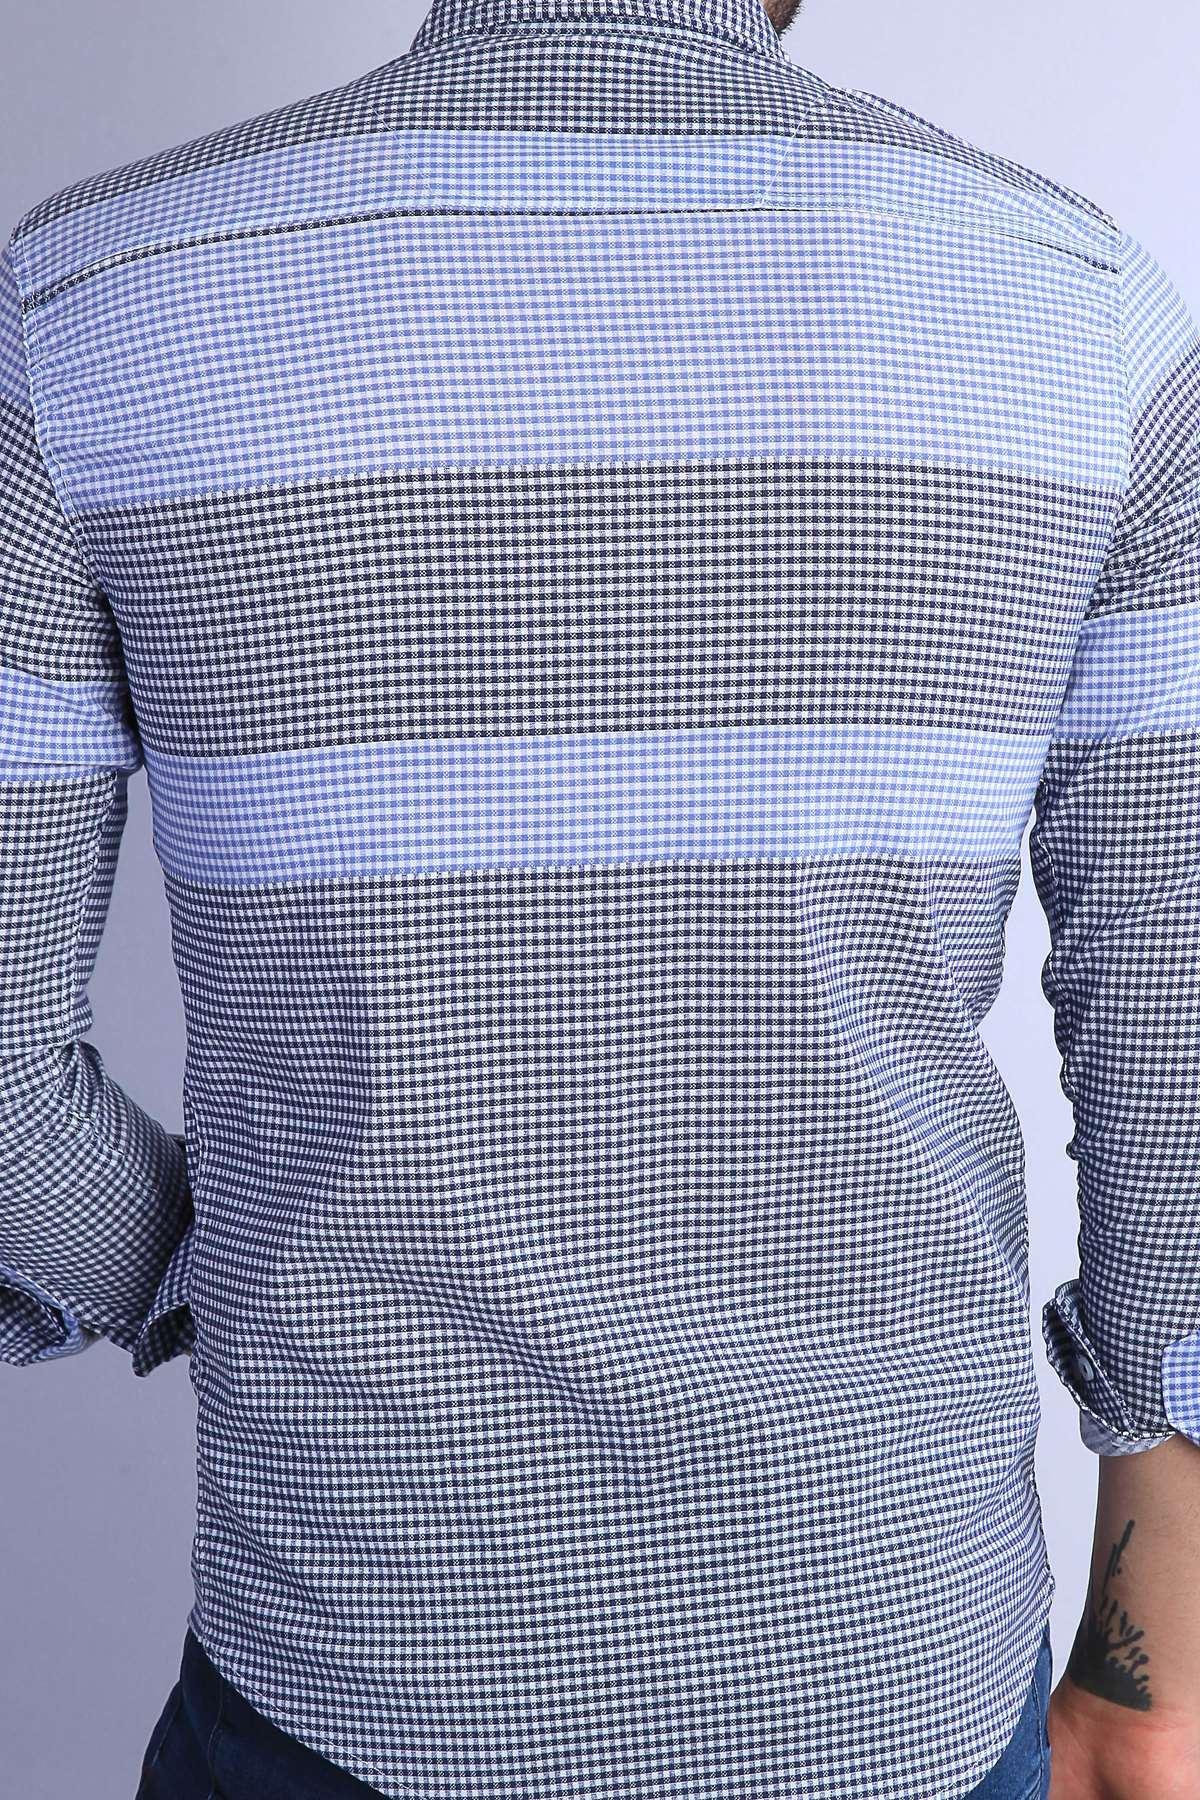 Küçük Kare Desenli Yaka Düğmeli Slim Fit Gömlek Lacivert